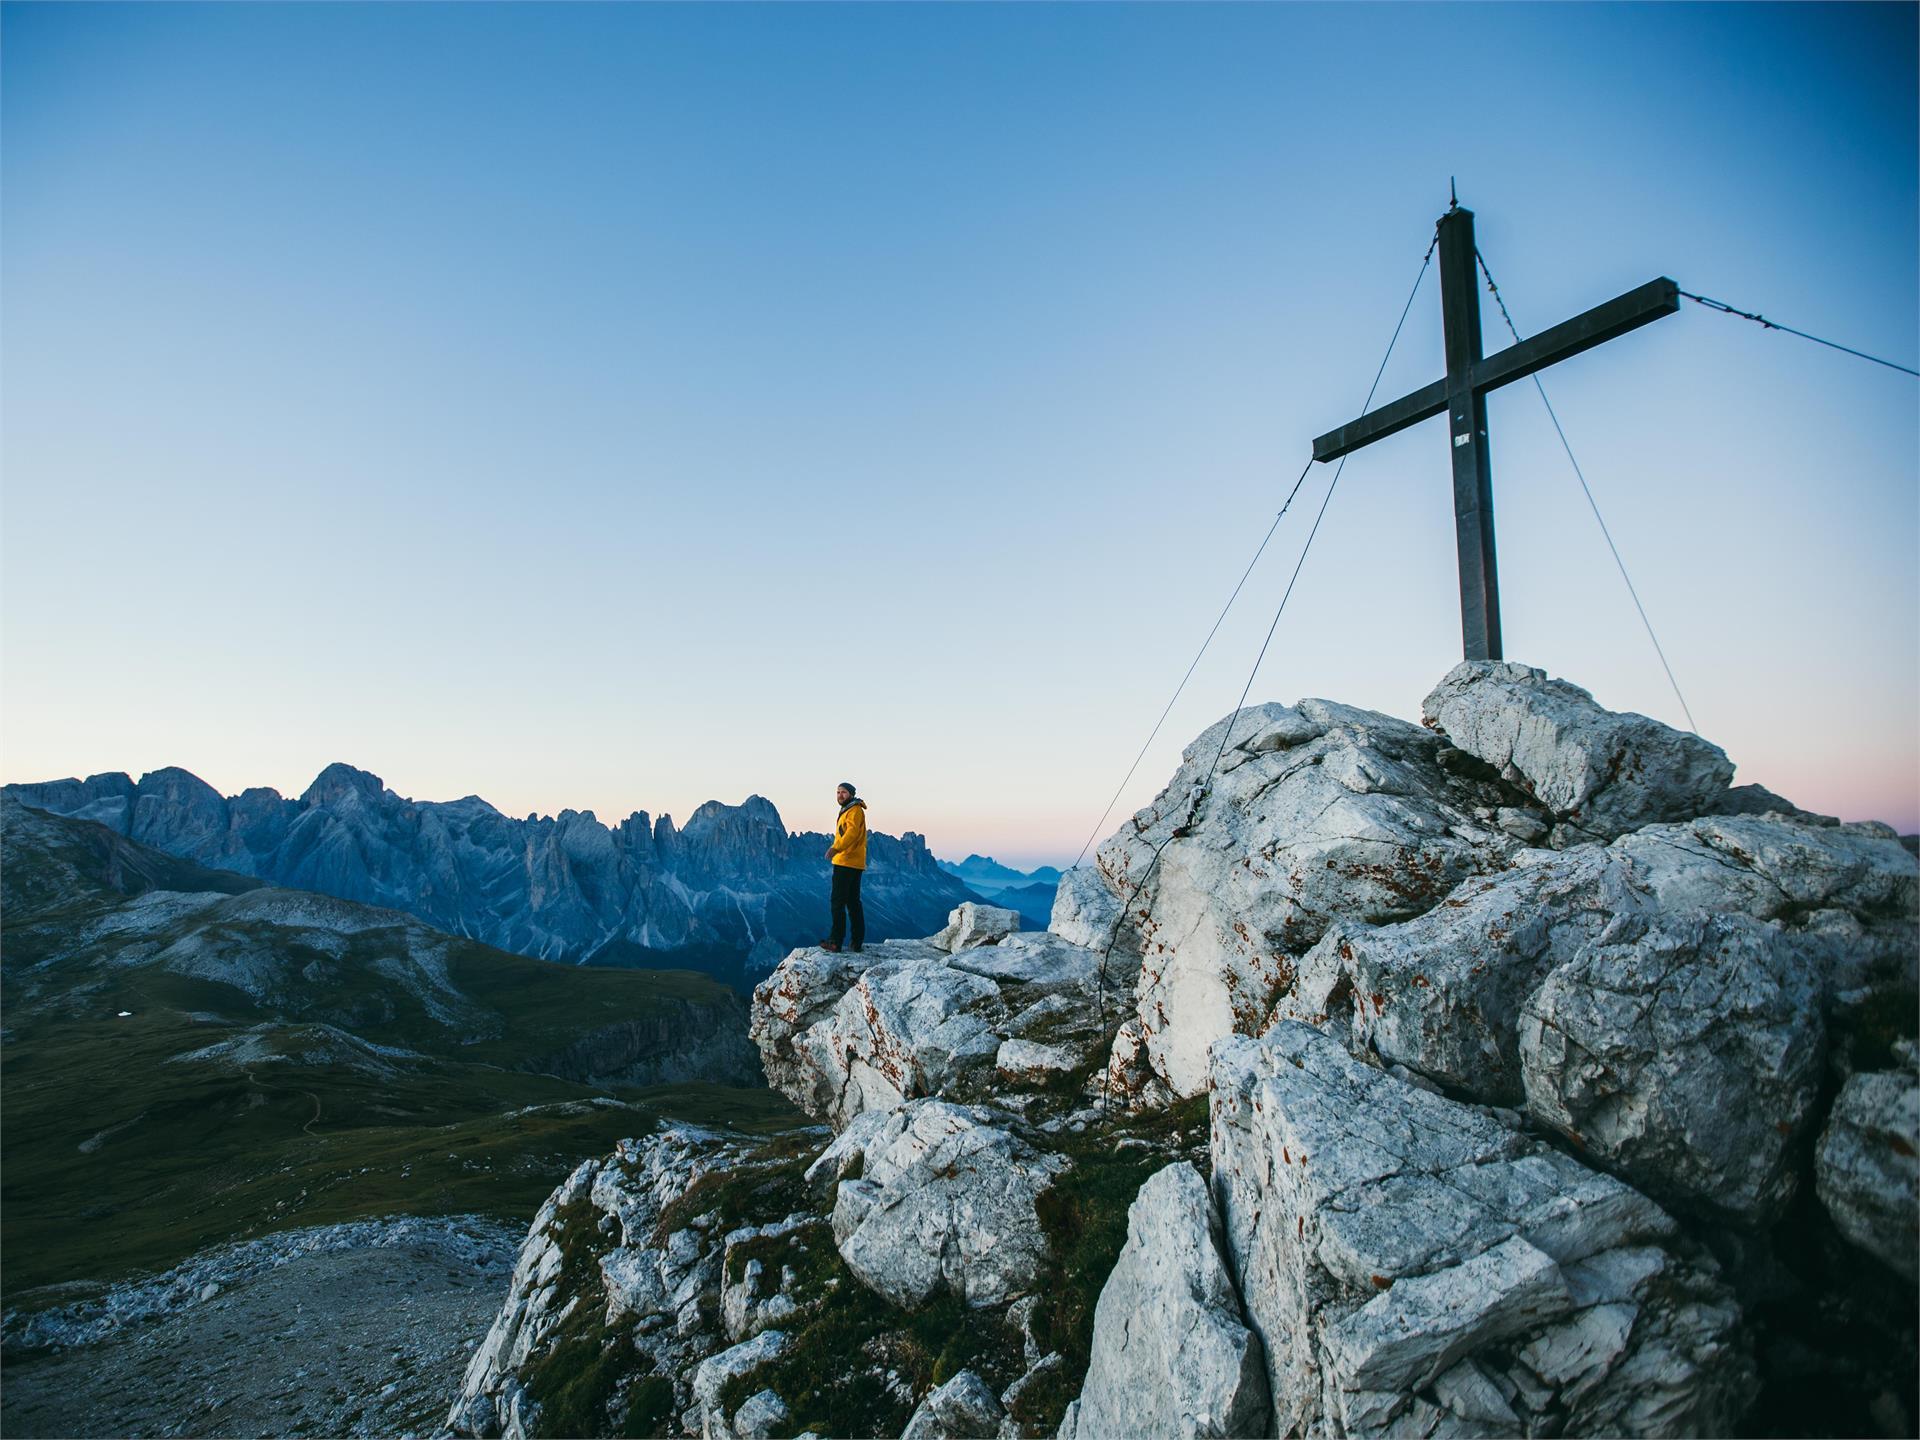 Di rifugio in rifugio nel cuore delle Dolomiti